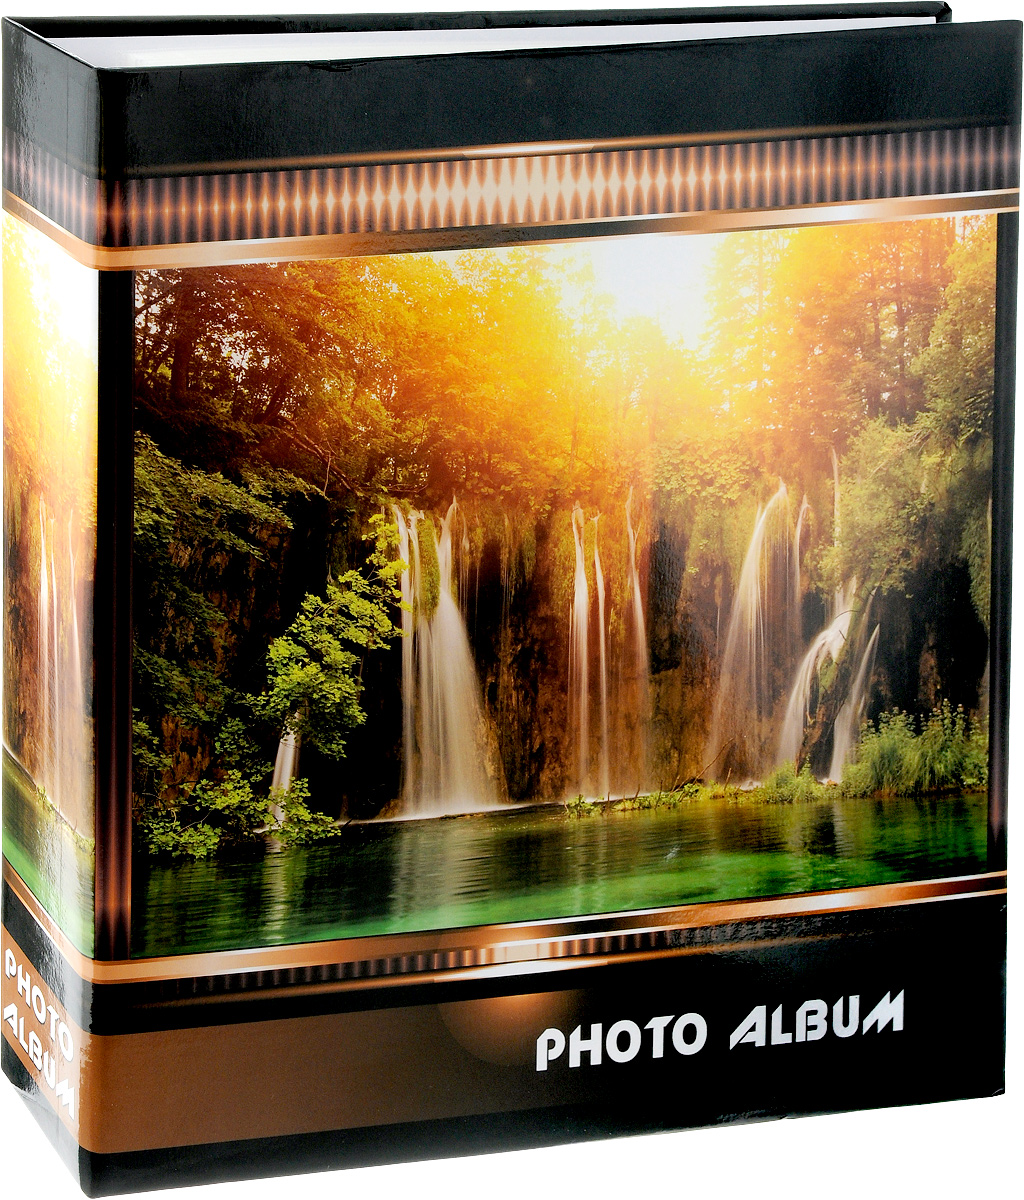 Фотоальбом Pioneer Waterfalls, 500 фотографий, цвет: оранжевый, коричневый, 10 x 15 смRG-D31SФотоальбом Pioneer Waterfalls позволит вам запечатлеть незабываемые моменты вашей жизни, сохранить свои истории и воспоминания на его страницах. Обложка из ламинированного картона оформлена принтом в виде водопада. Фотоальбом рассчитан на 500 фотографии форматом 10 x 15 см. Фотографии фиксируется внутри с помощью кармашек. Такой необычный фотоальбом позволит легко заполнить страницы вашей истории, и с годами ничего не забудется. На странице размещаются 5 фотографий: 3 горизонтально и 2 вертикально. Количество страниц: 100. Материал обложки: Ламинированный картон. Переплет: на кольцах. Материалы, использованные в изготовлении альбома, обеспечивают высокое качество хранения ваших фотографий, поэтому фотографии не желтеют со временем.Материалы, использованные в изготовлении альбома, обеспечивают высокое качество хранения ваших фотографий, поэтому фотографии не желтеют со временем.